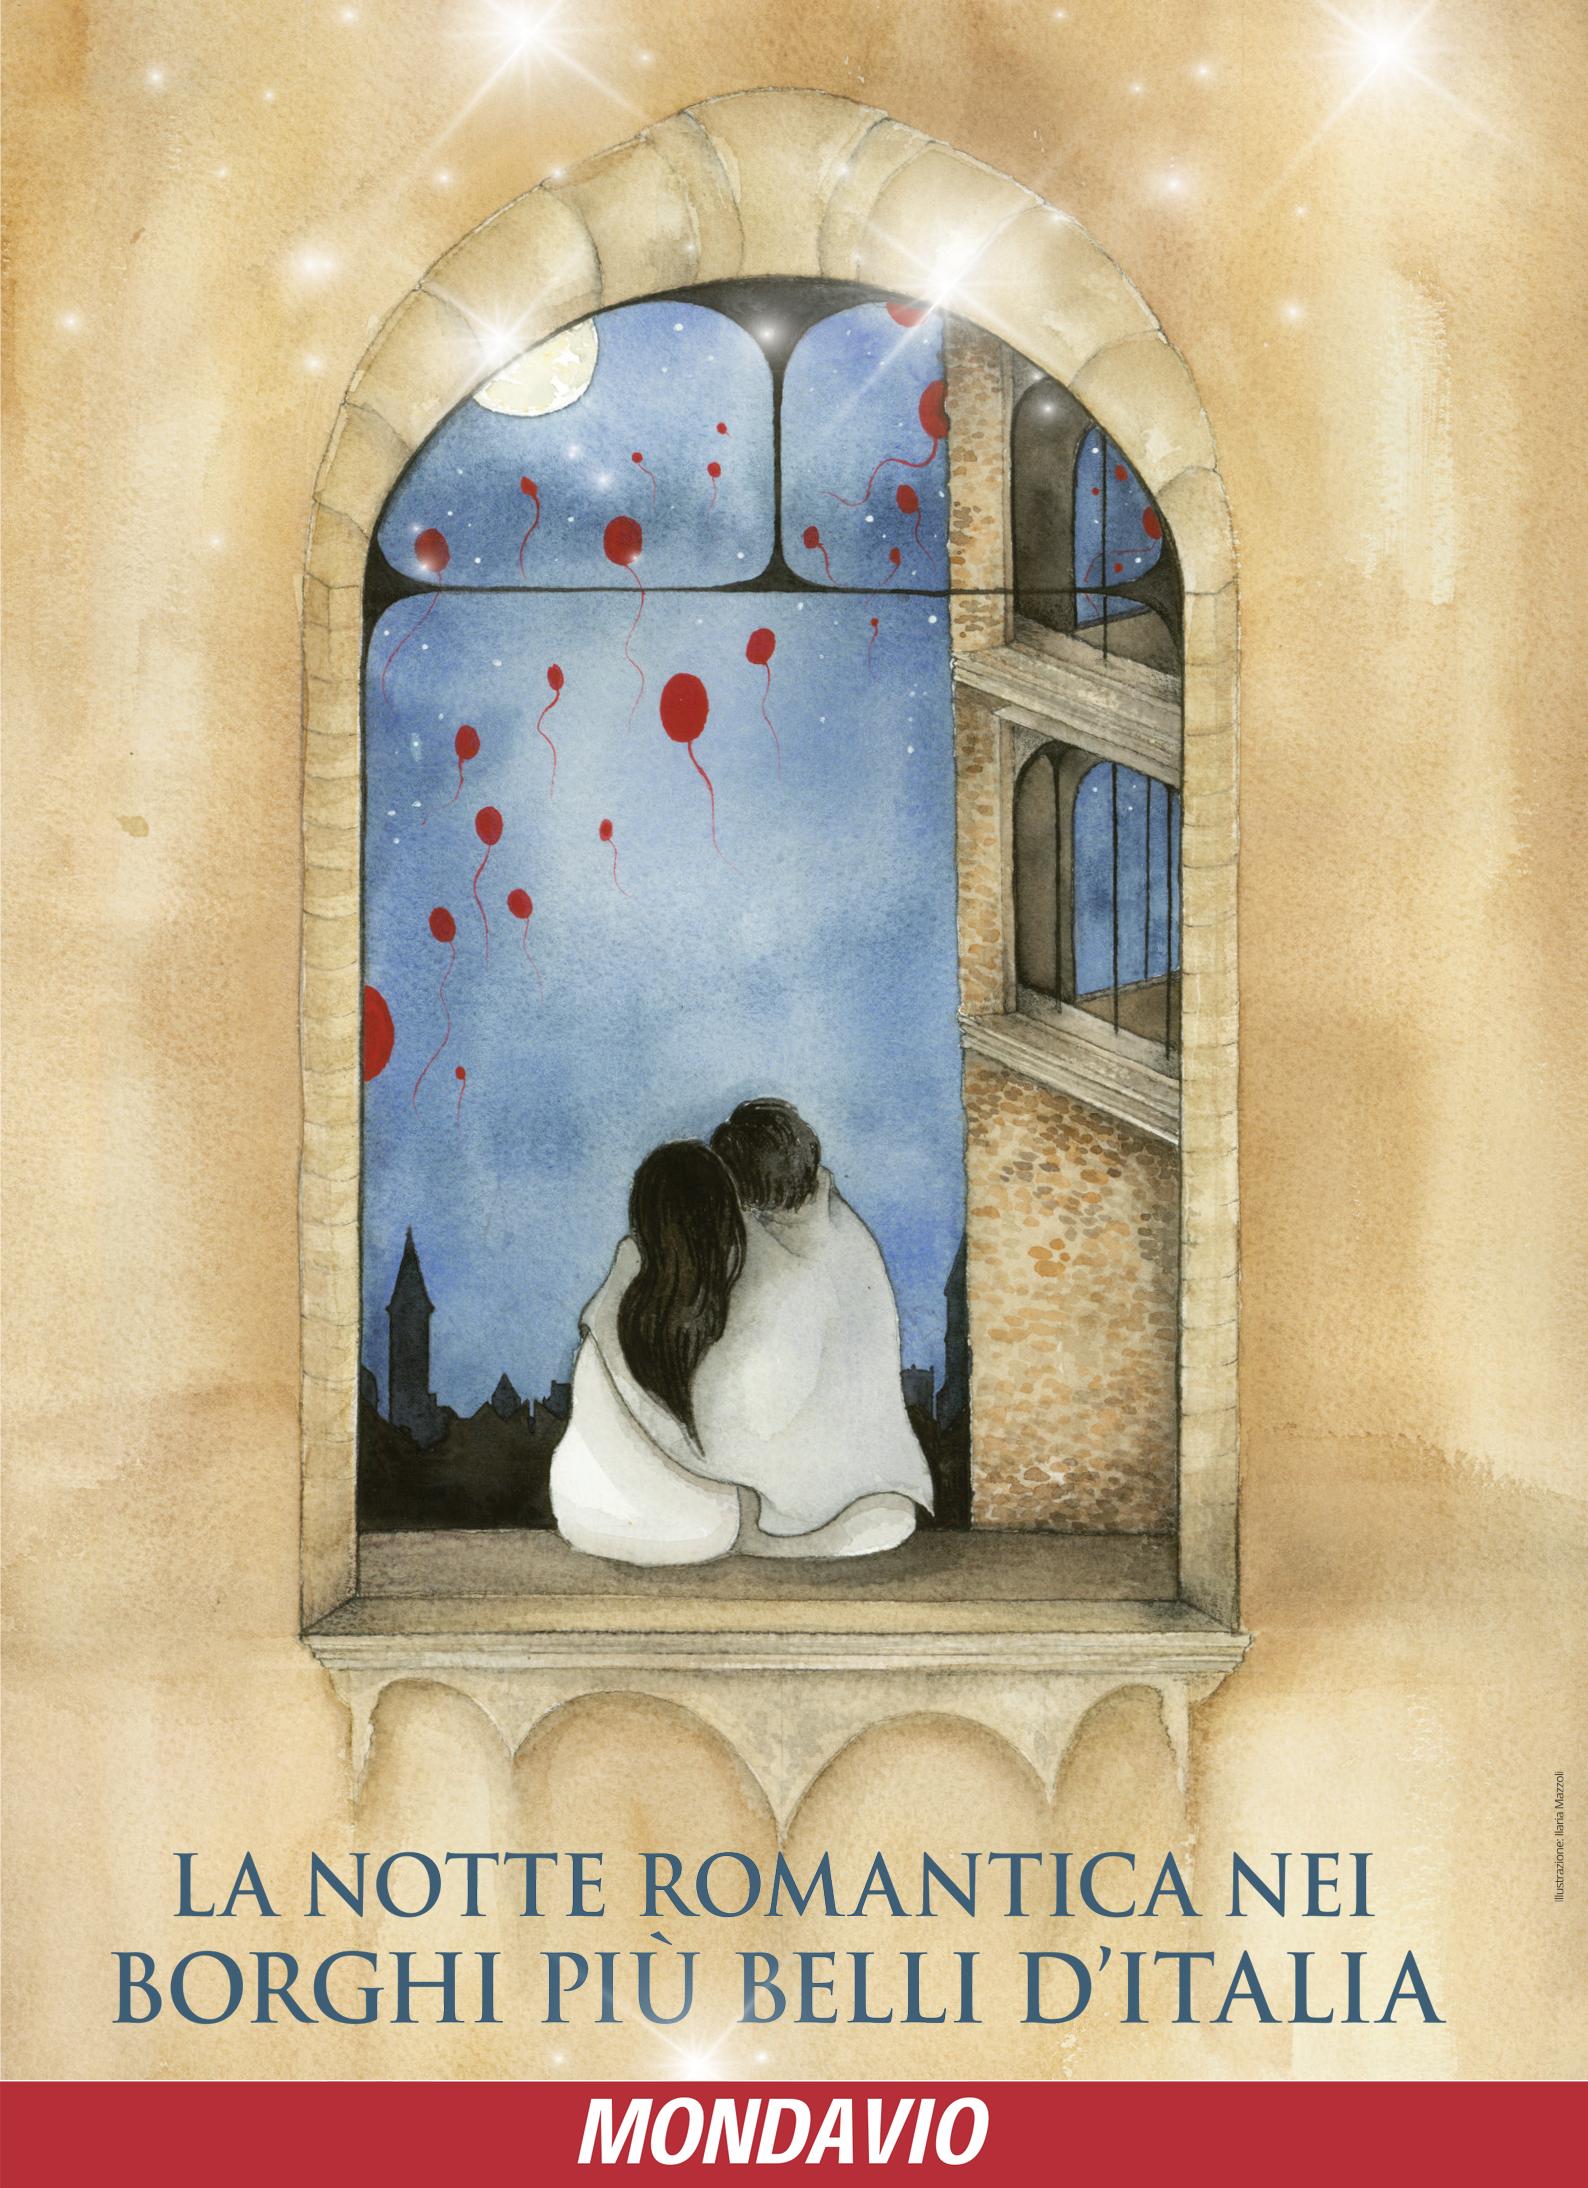 La Notte Romantica Nei Borghi Piu Belli 🗓 🗺